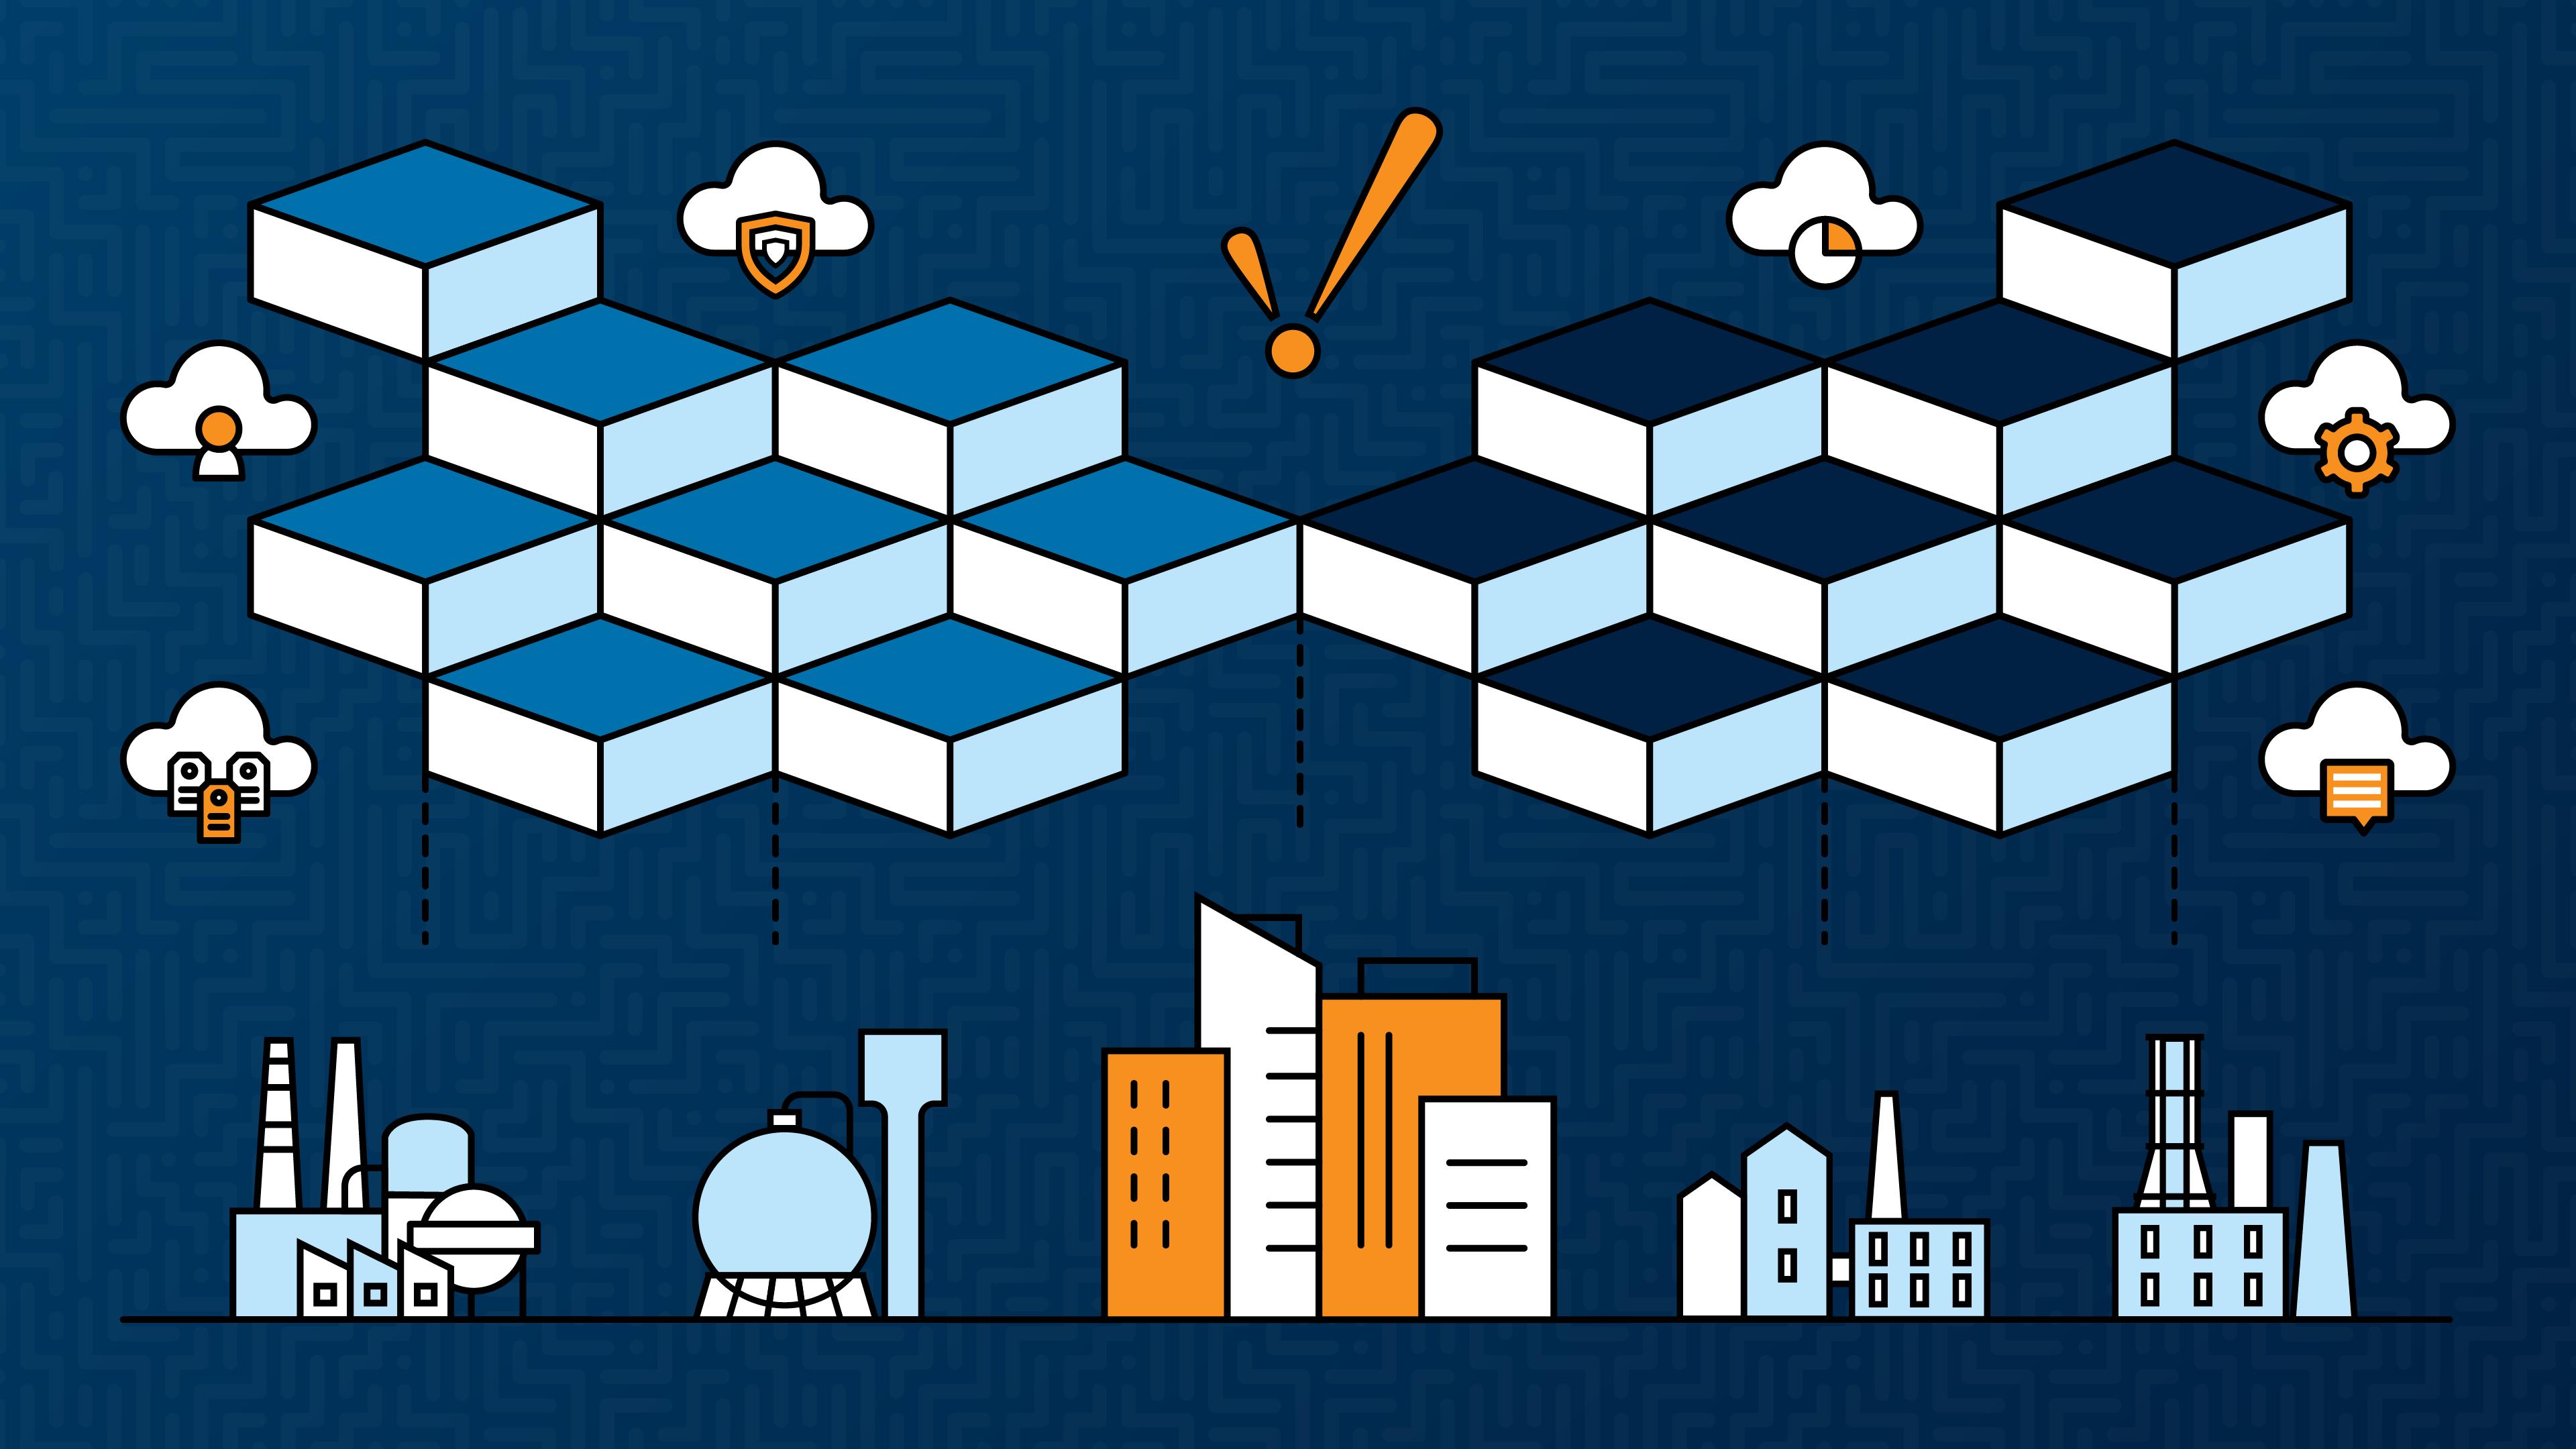 Webinar: Simple Steps for Enterprise Digital Transformation